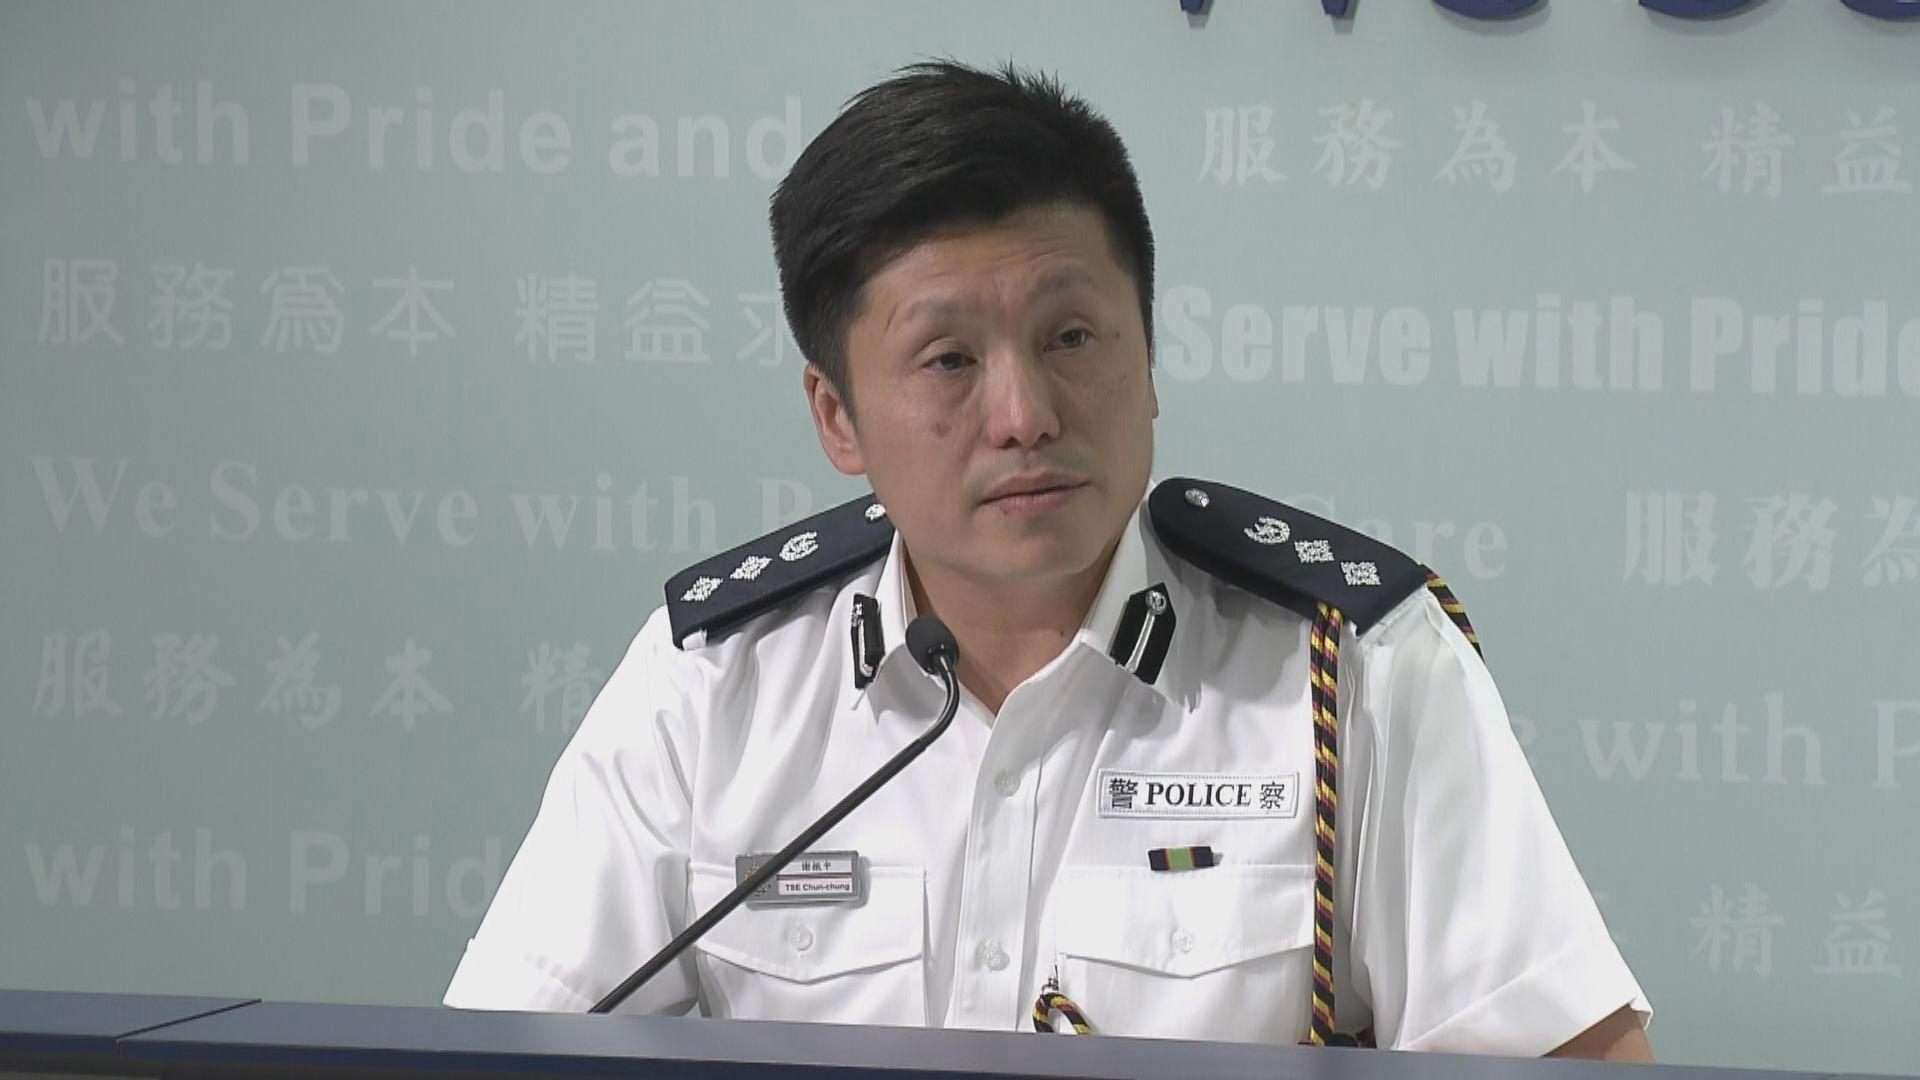 周一示威警發約八百枚催淚彈 148人被捕